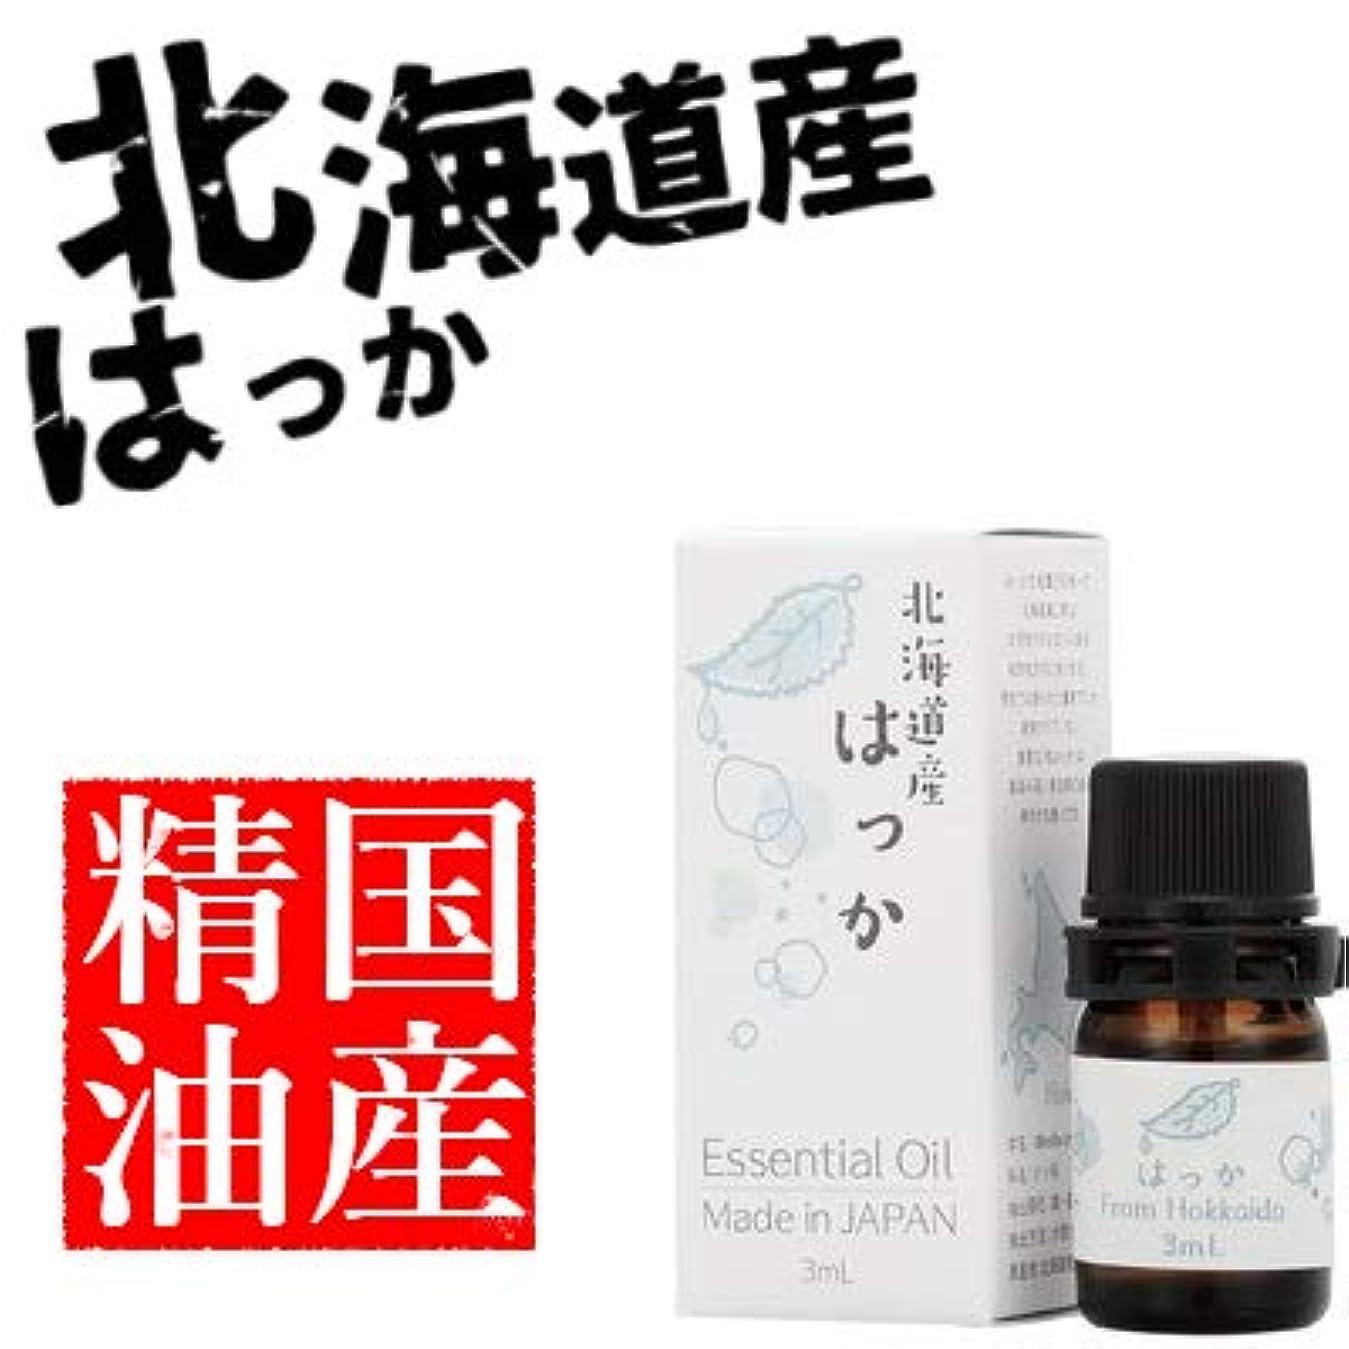 水没療法端日本の香りシリーズ エッセンシャルオイル 国産精油 (はっか)